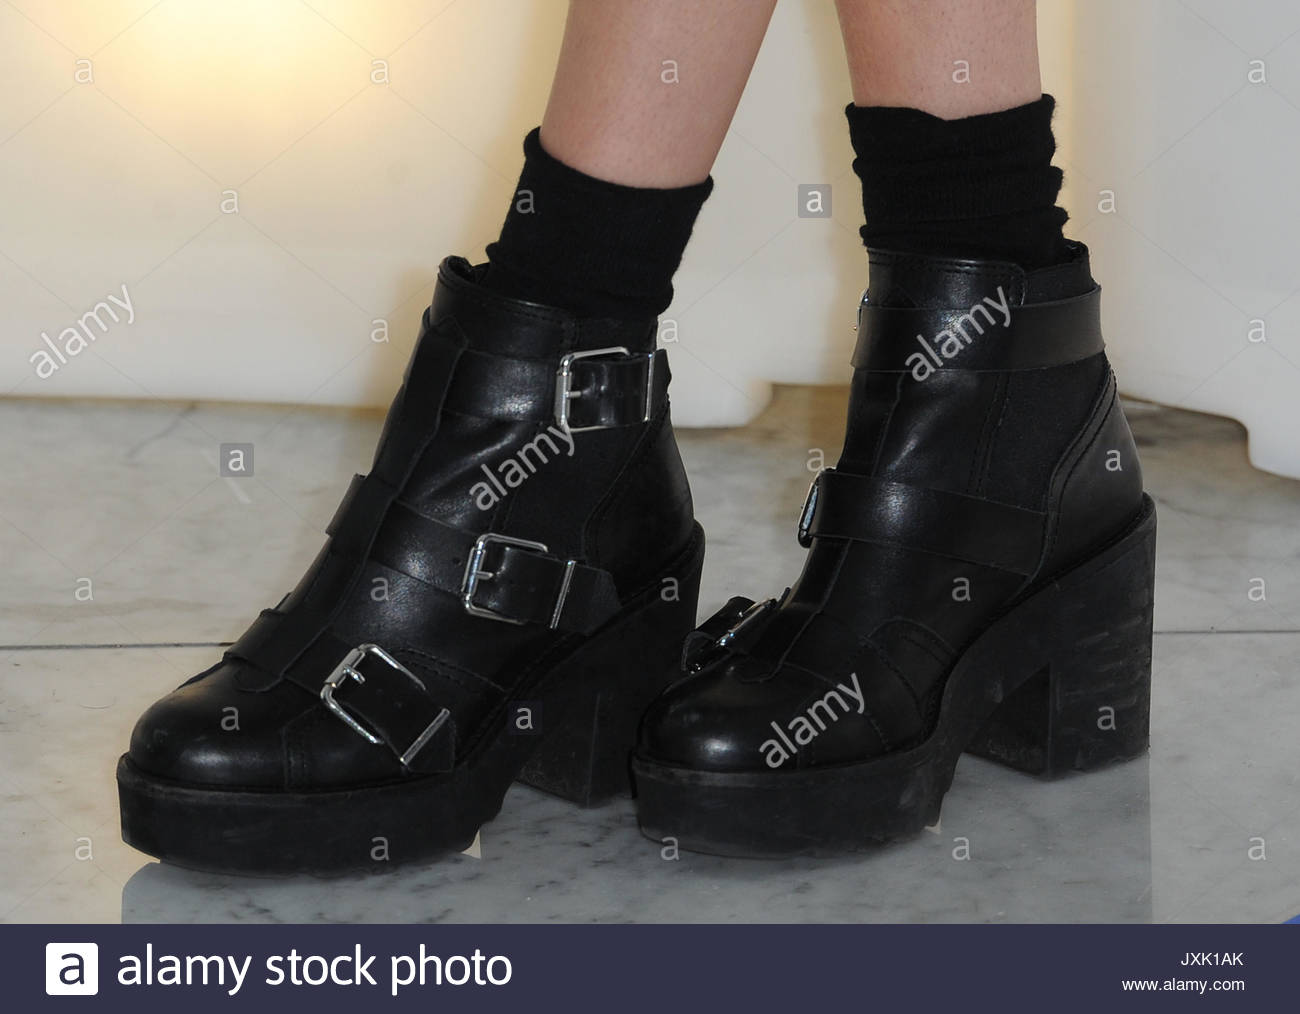 Dunlops Shoes Uk